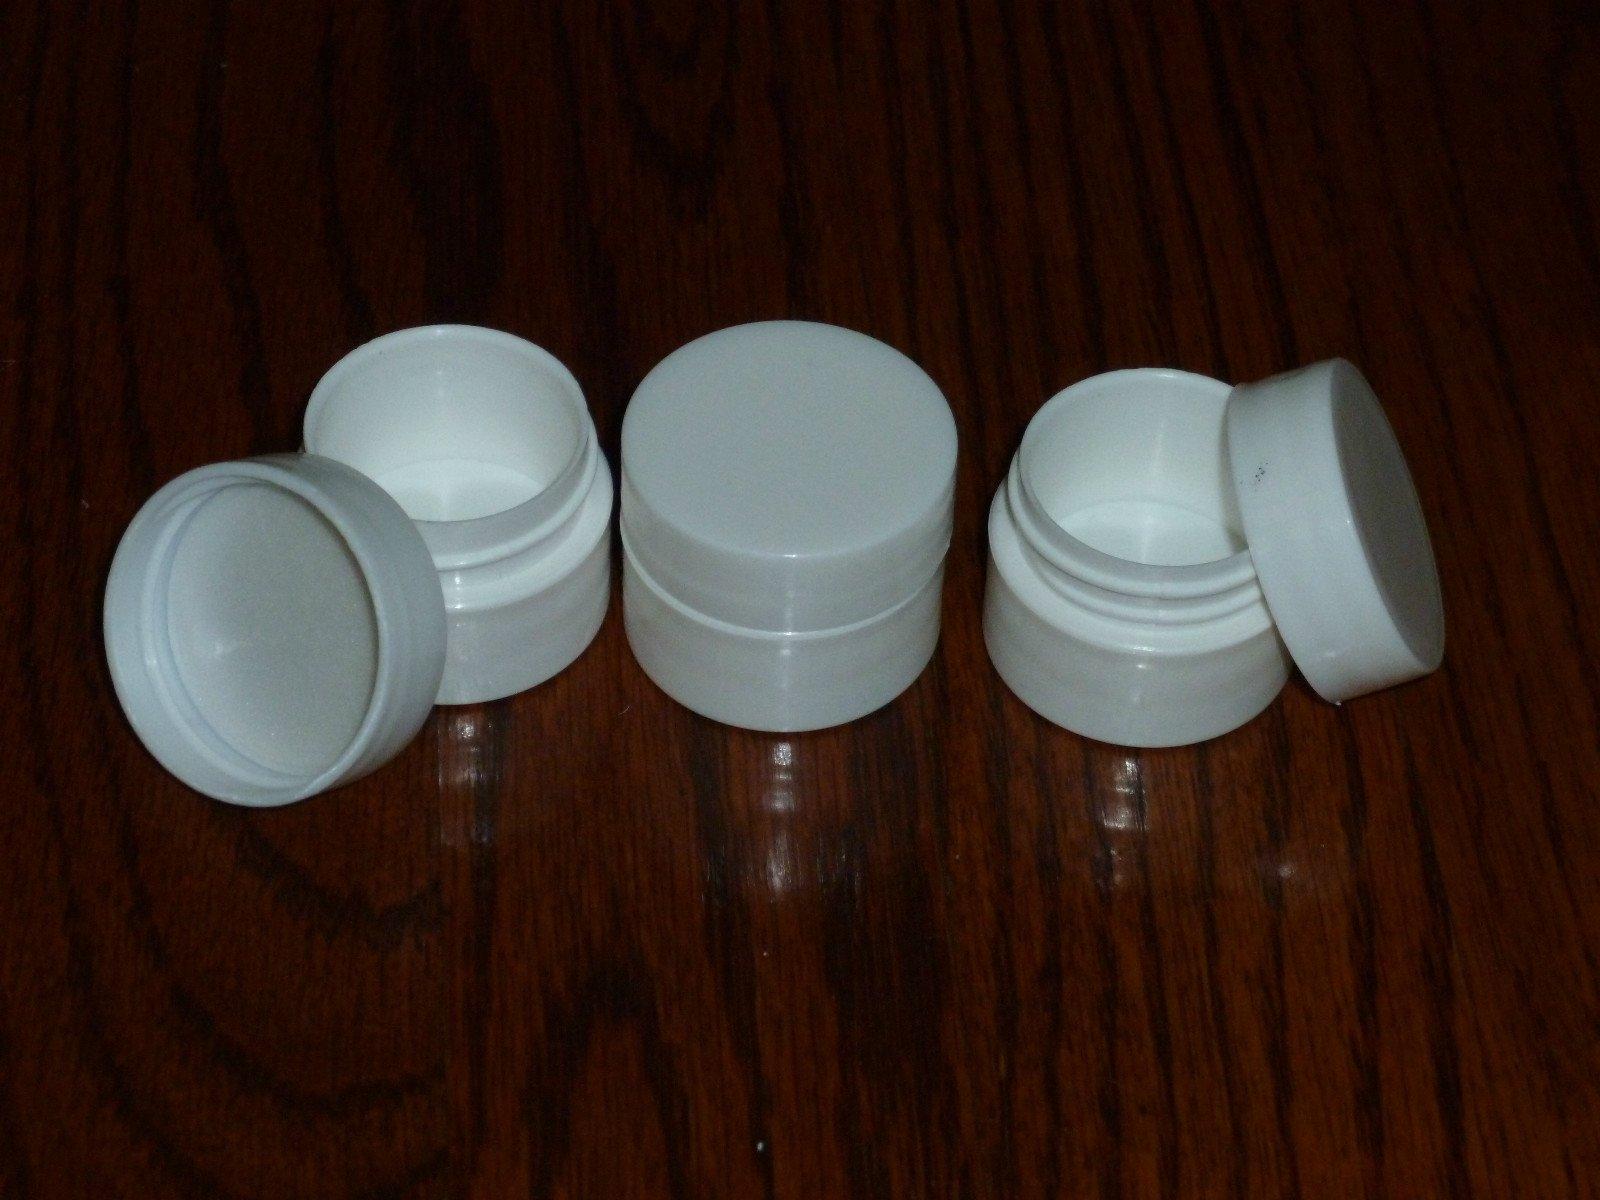 50 NEW Empty .25 oz (7ml) 1/4 oz WHITE LIP BALM Carmex Cosmetic Cream Jars containers